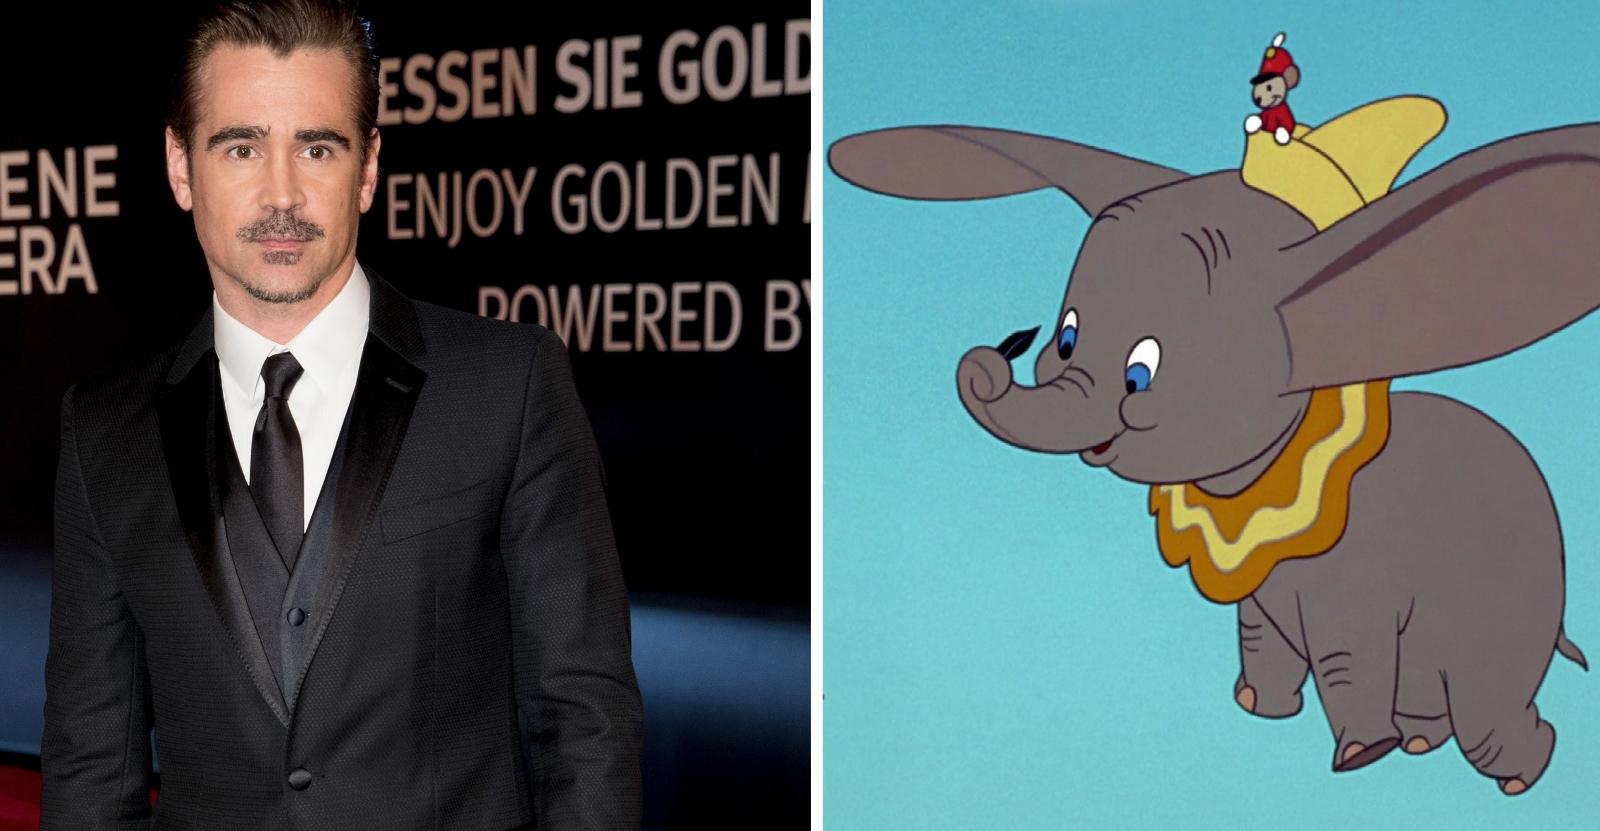 Colin Farrell in talks for Disney's Dumbo